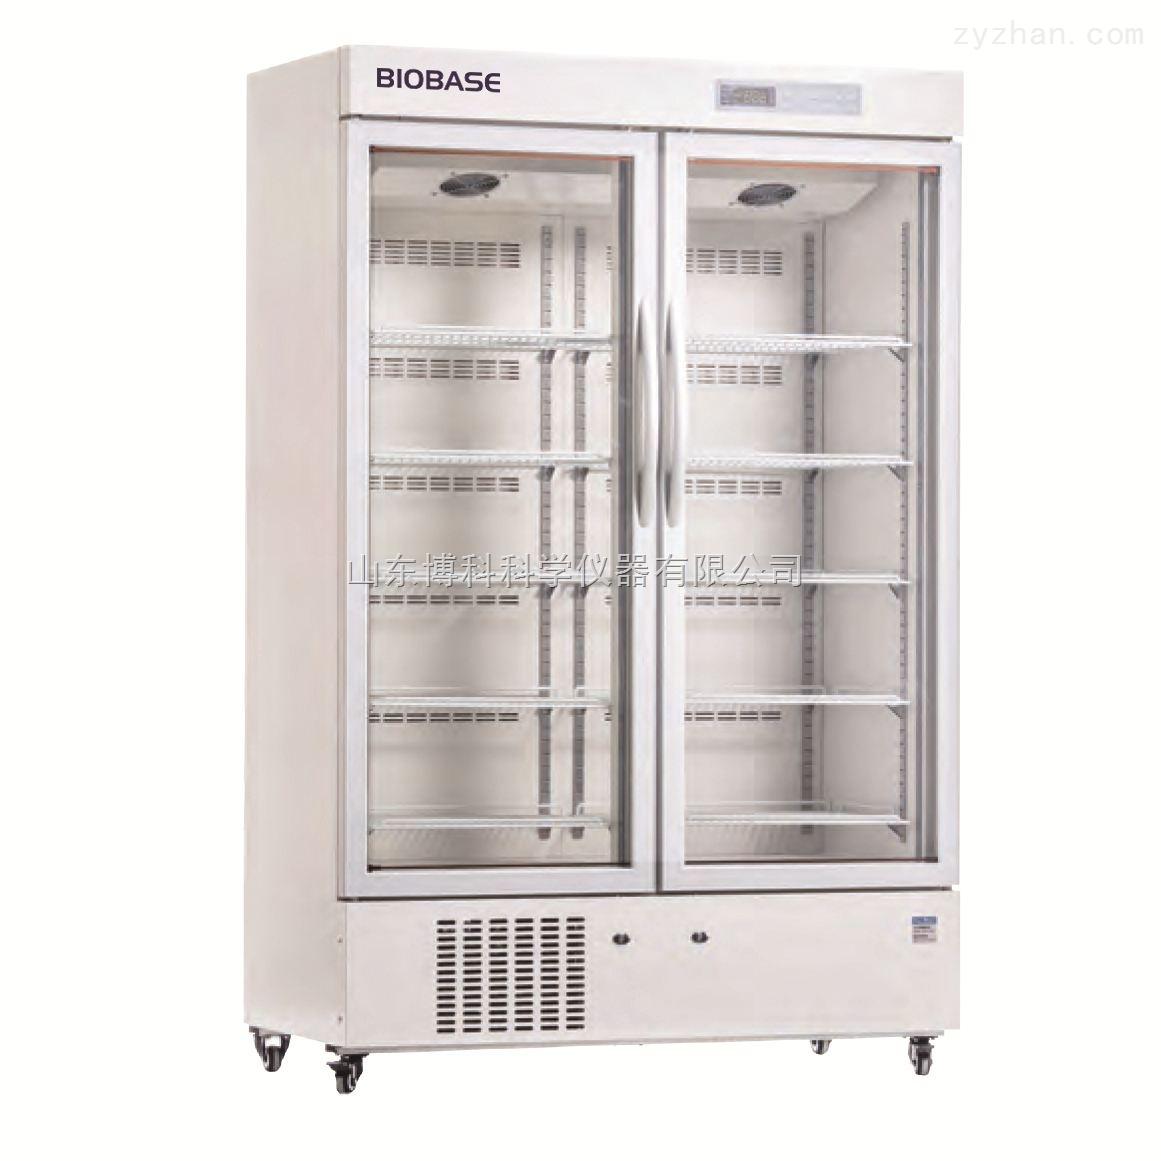 医用冷藏柜BYC-1000 博科医用冷藏柜